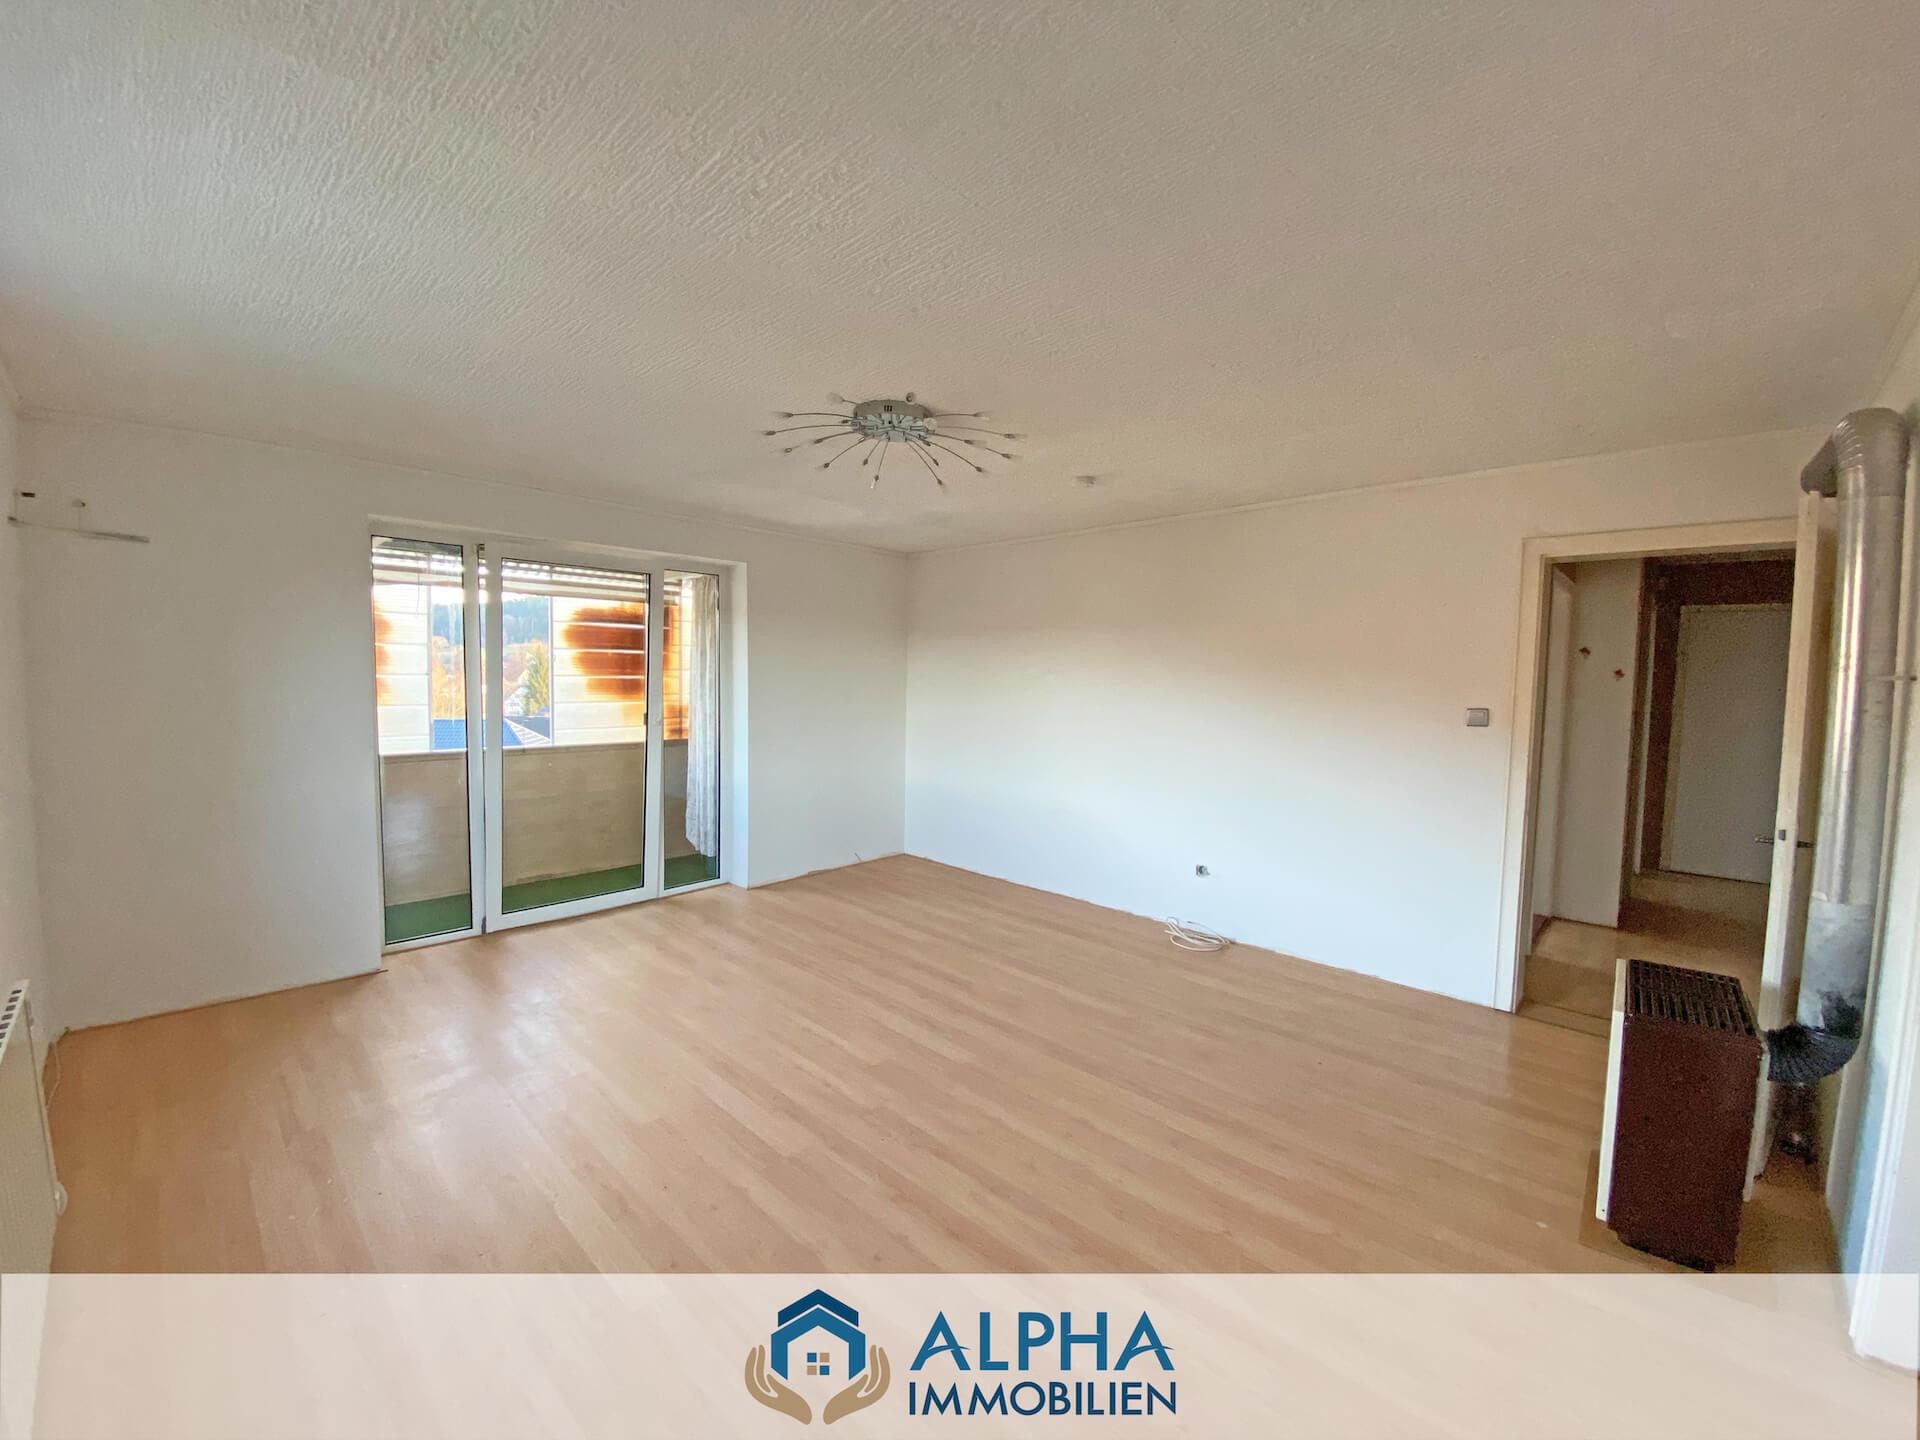 alpha-immobilien-20-8-64